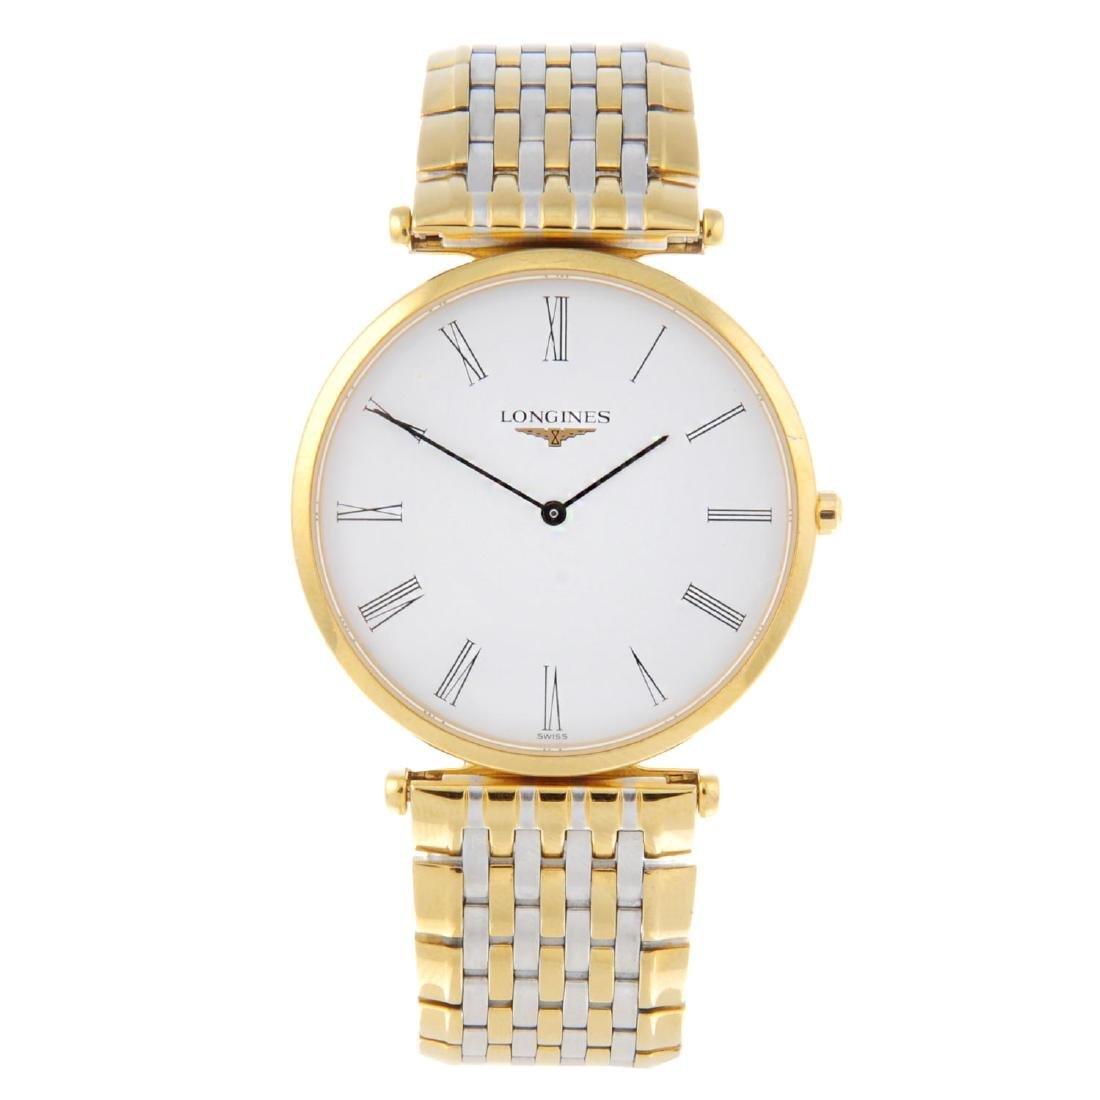 LONGINES - a gentleman's La Grande Classique bracelet